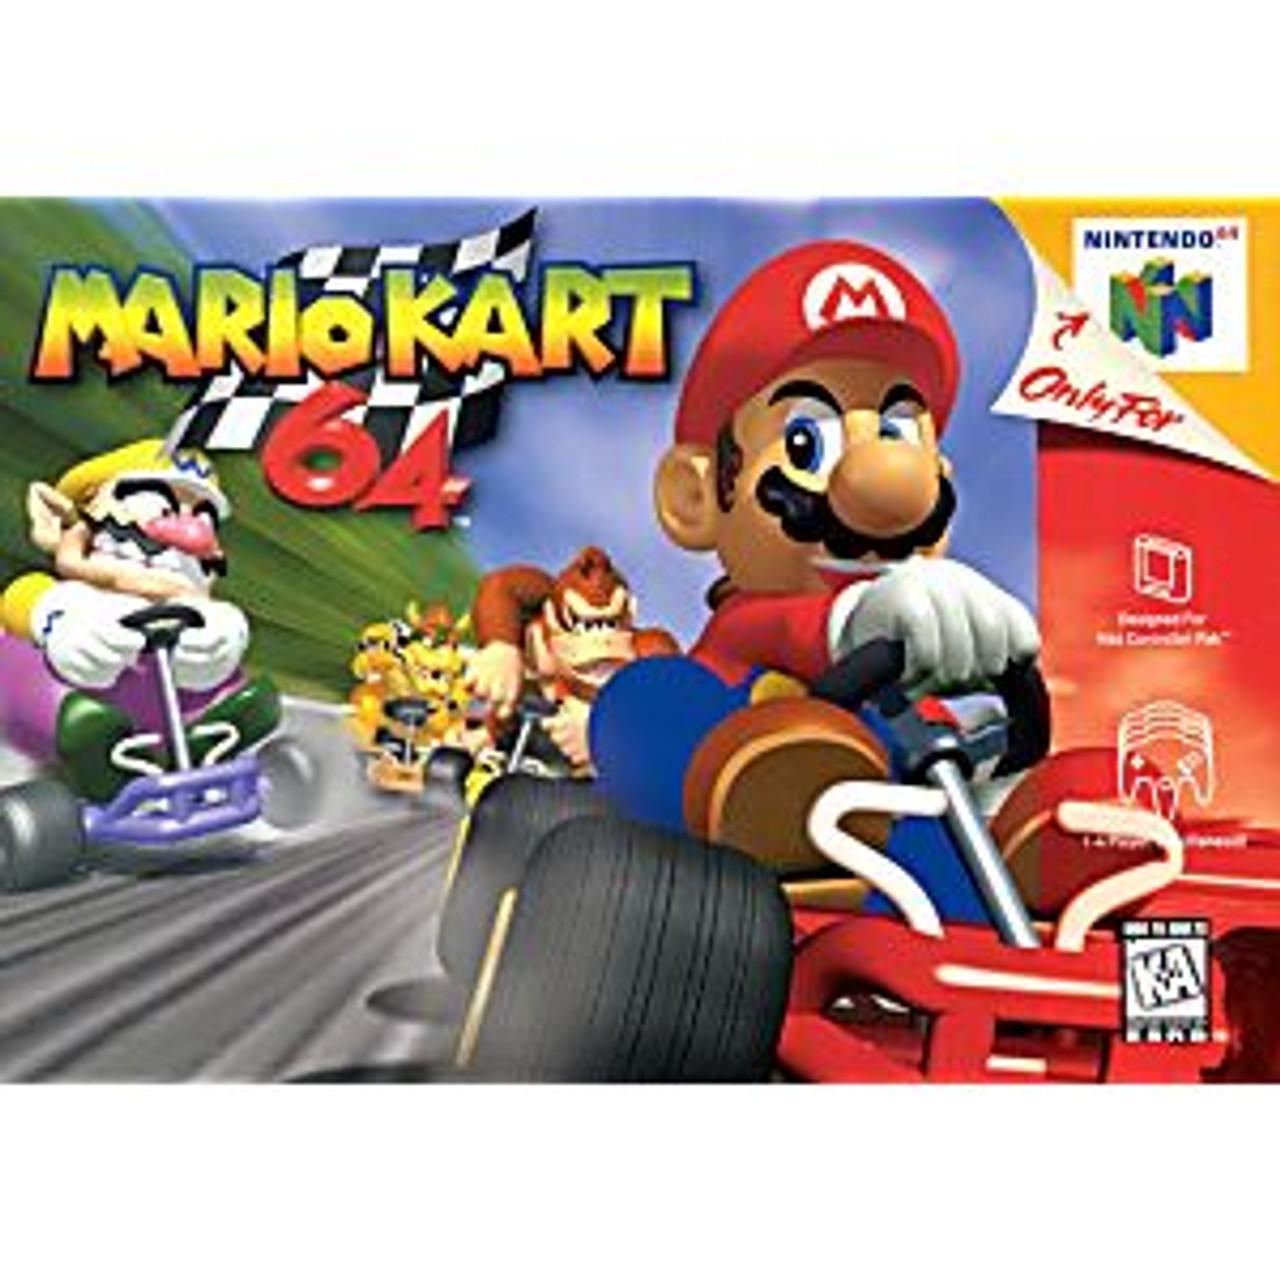 5. MARIO KART 64 - N64